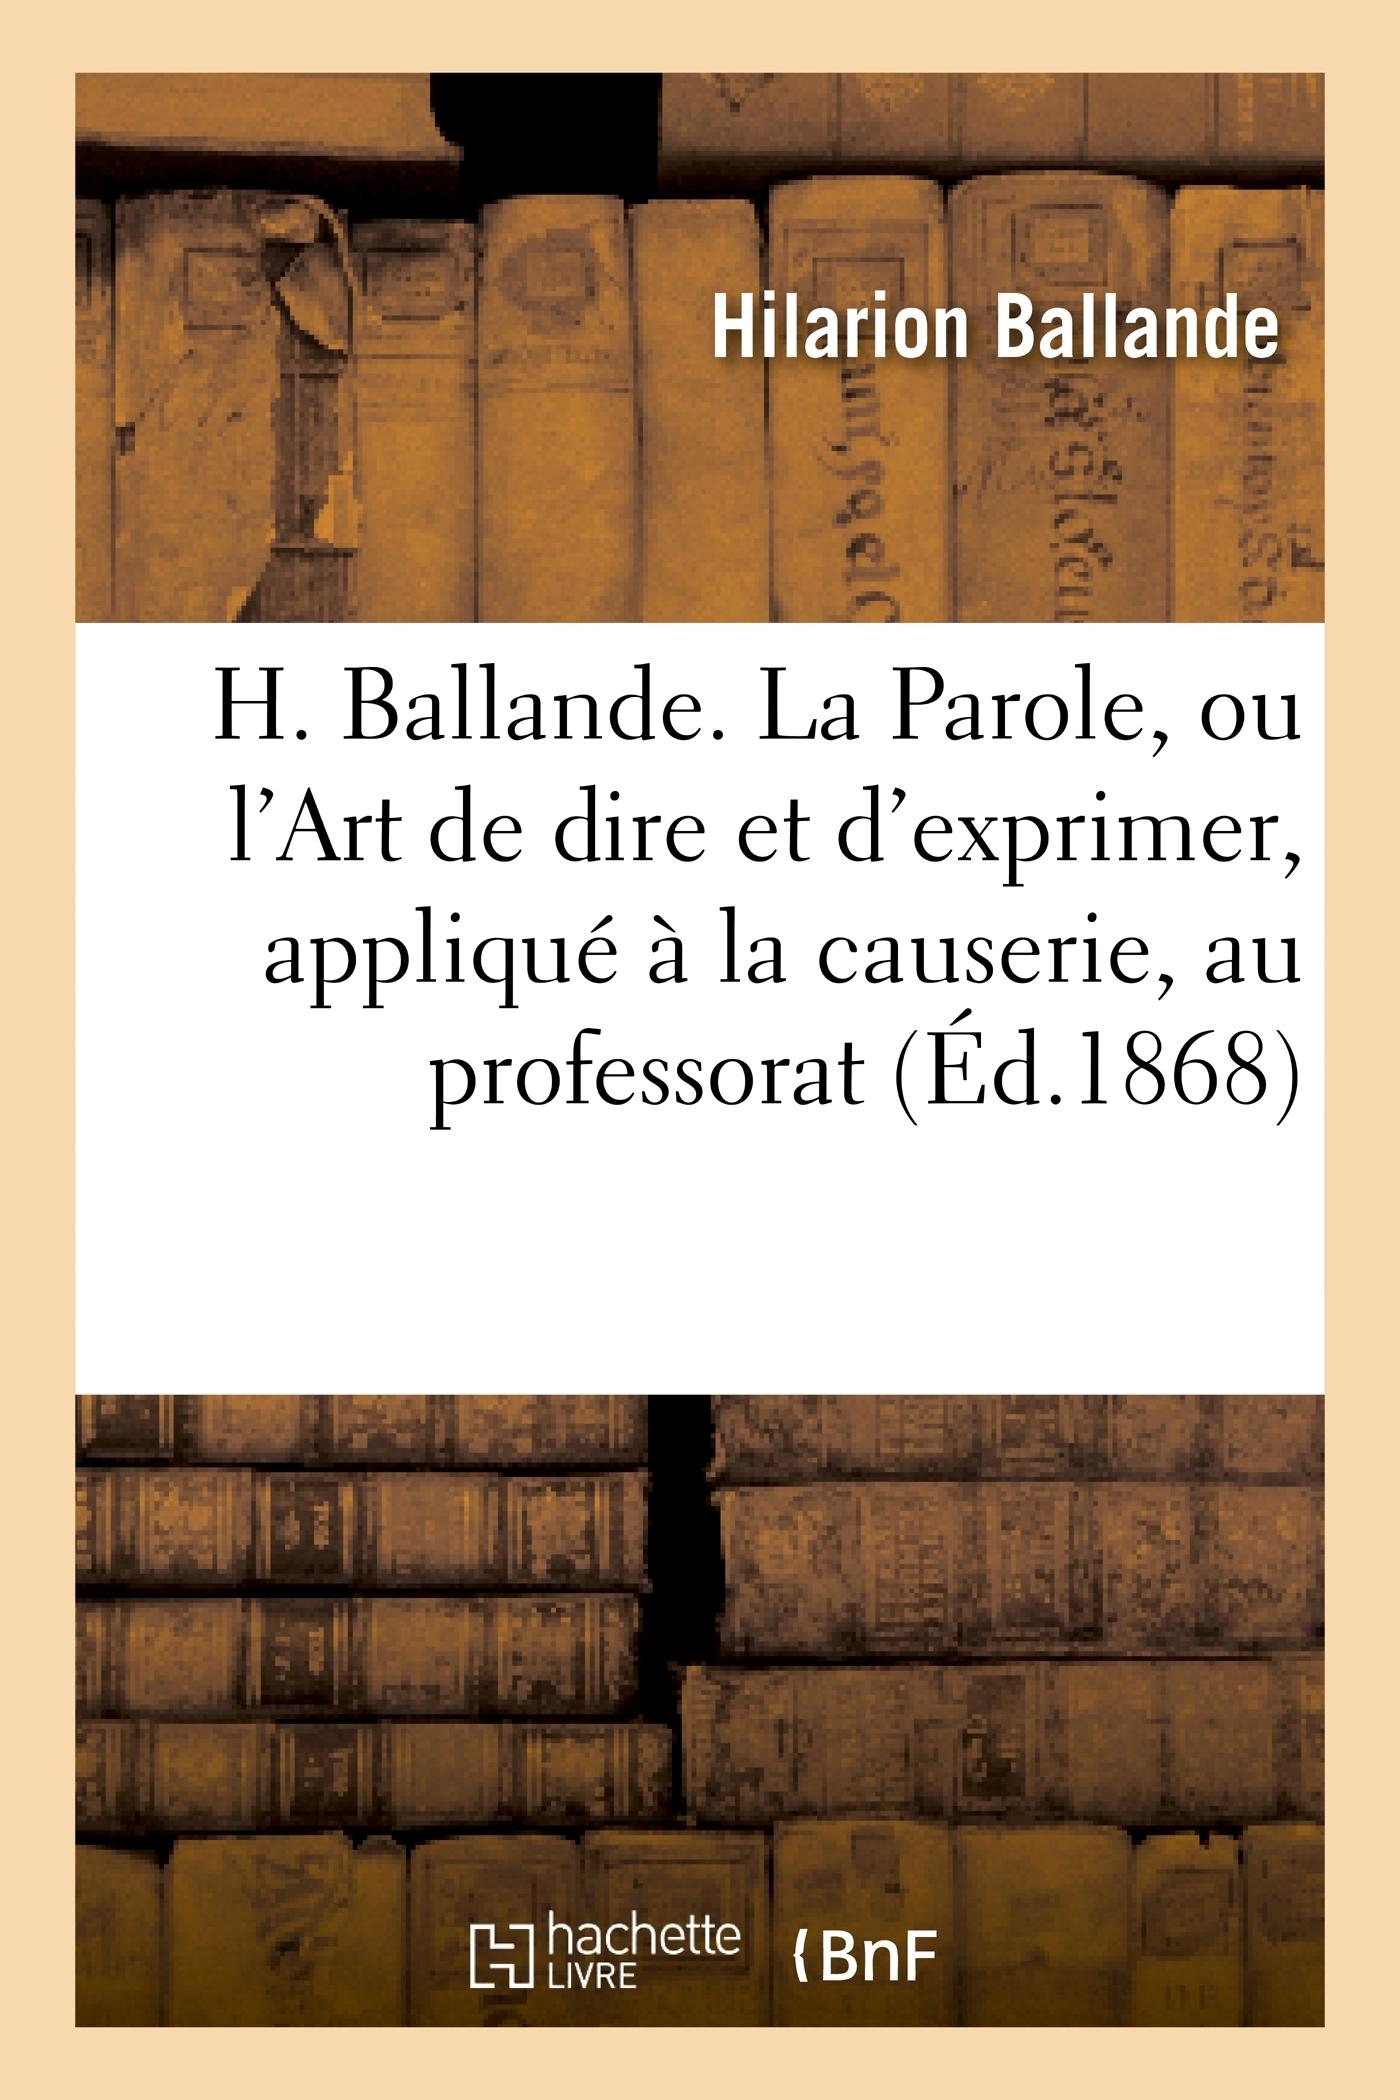 H. BALLANDE. LA PAROLE, OU L'ART DE DIRE ET D'EXPRIMER, APPLIQUE A LA CAUSERIE, AU PROFESSORAT - , A